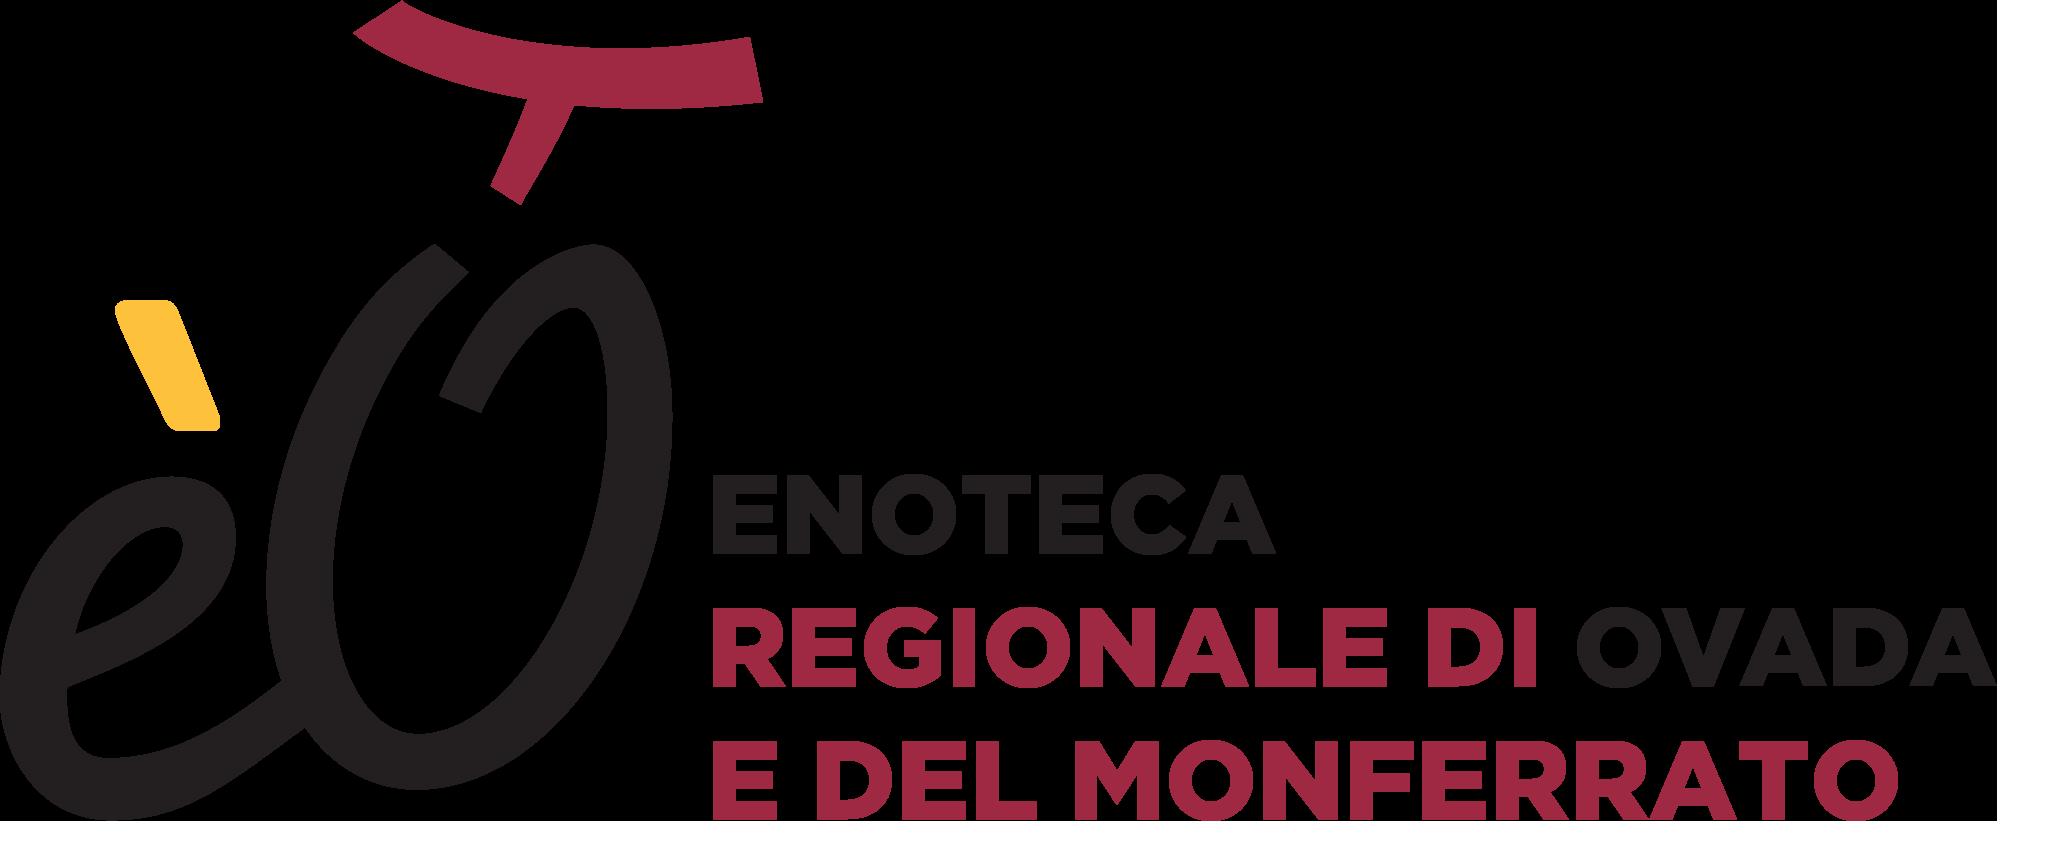 Enoteca Regionale di Ovada e del Monferrato